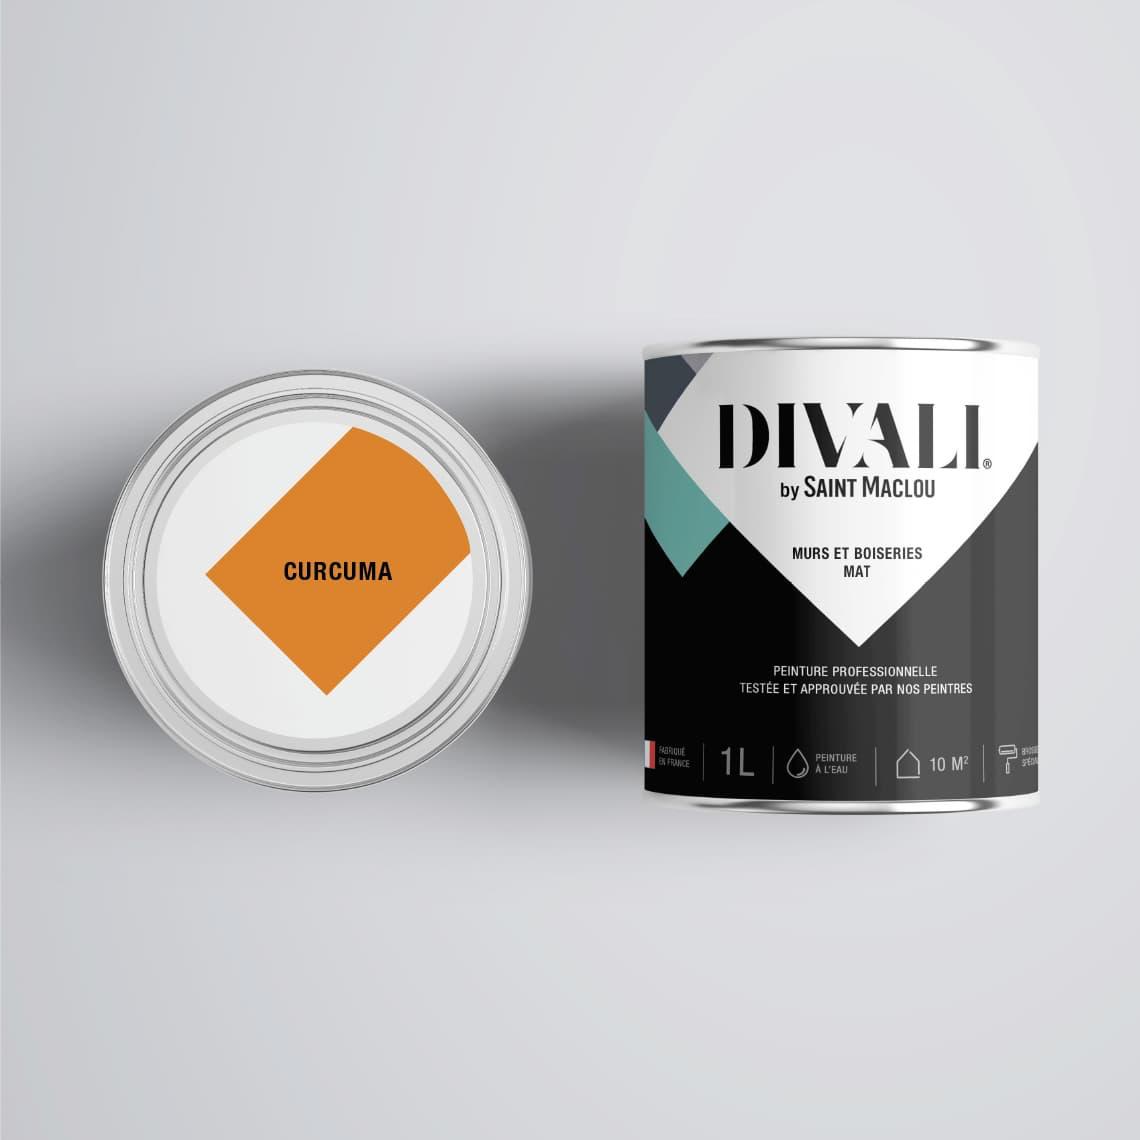 Peinture DIVALI CURCUMA Murs & Boiseries mat | Saint Maclou